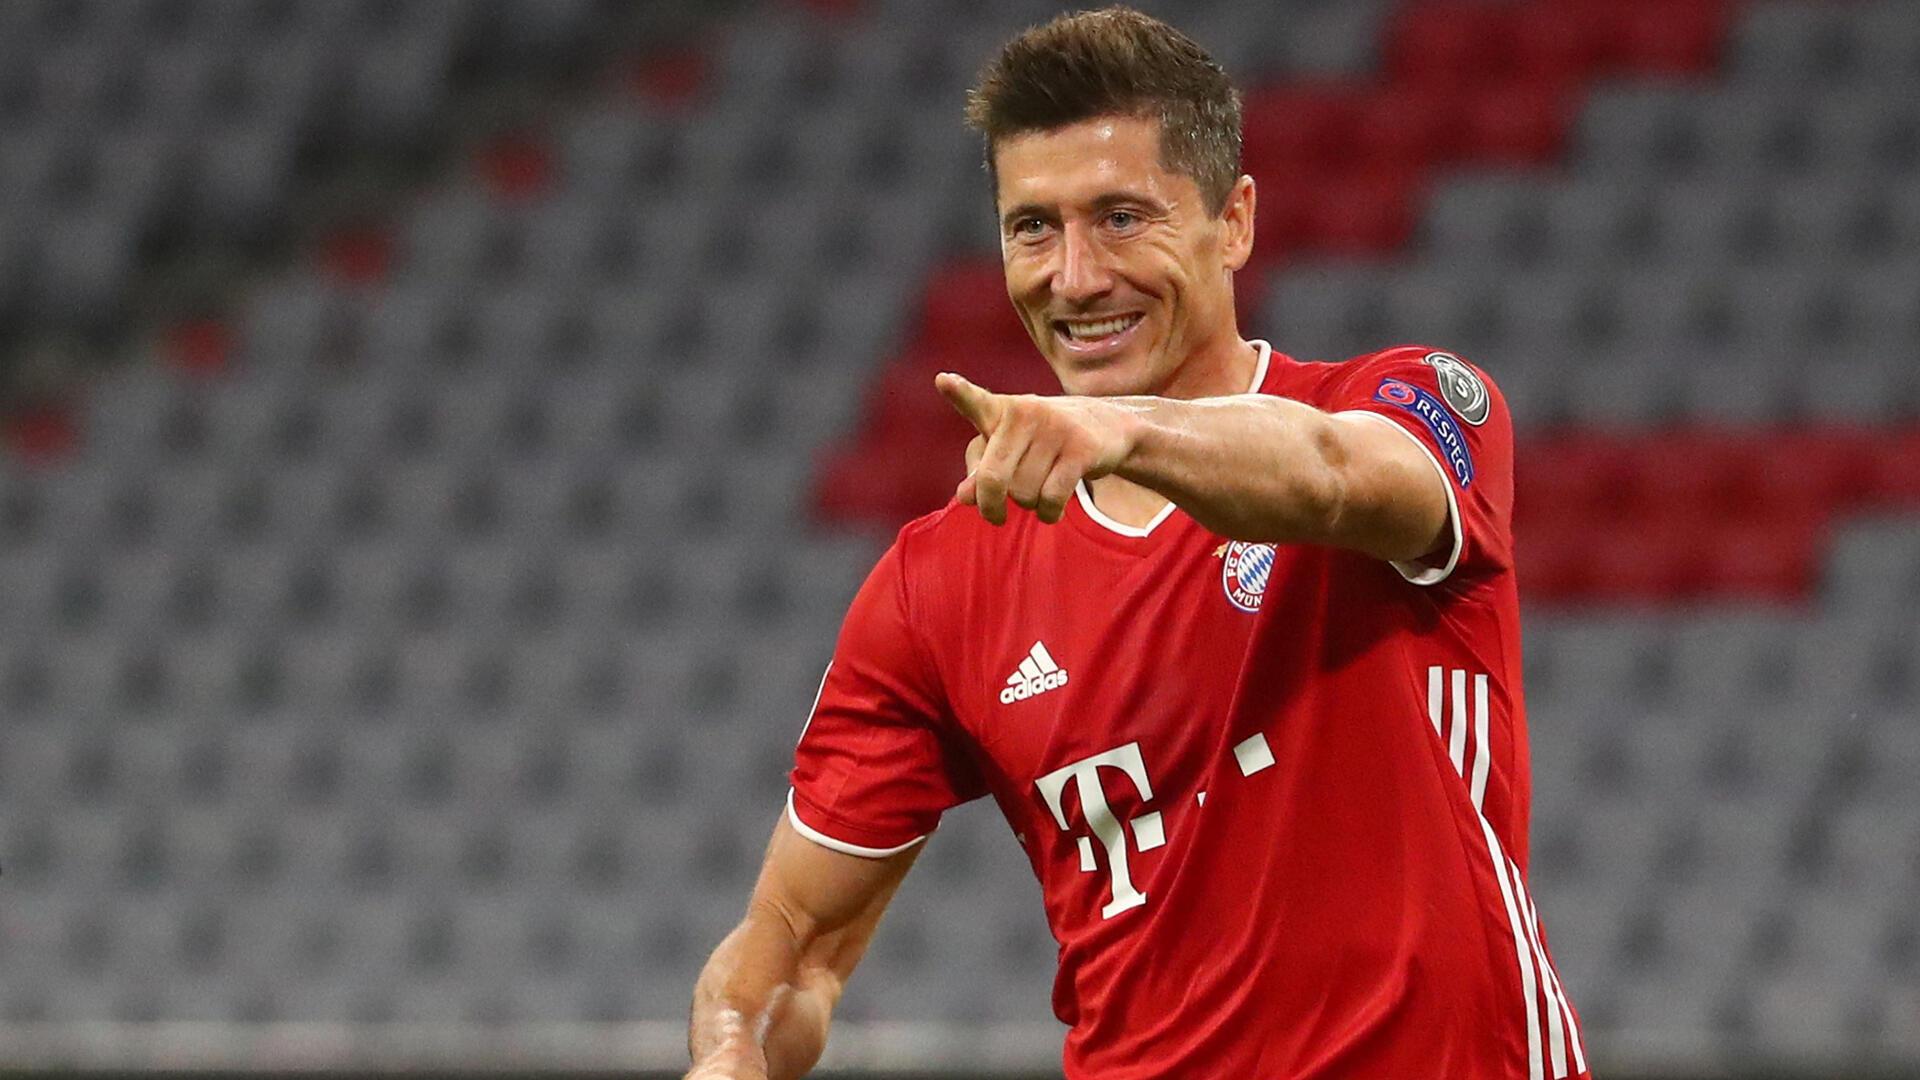 Robert Lewandowski ya taka muhimmiyar rawa wajen neman wa Bayern Munich gurbi a wasan karshe na gasar zakarun Turai.